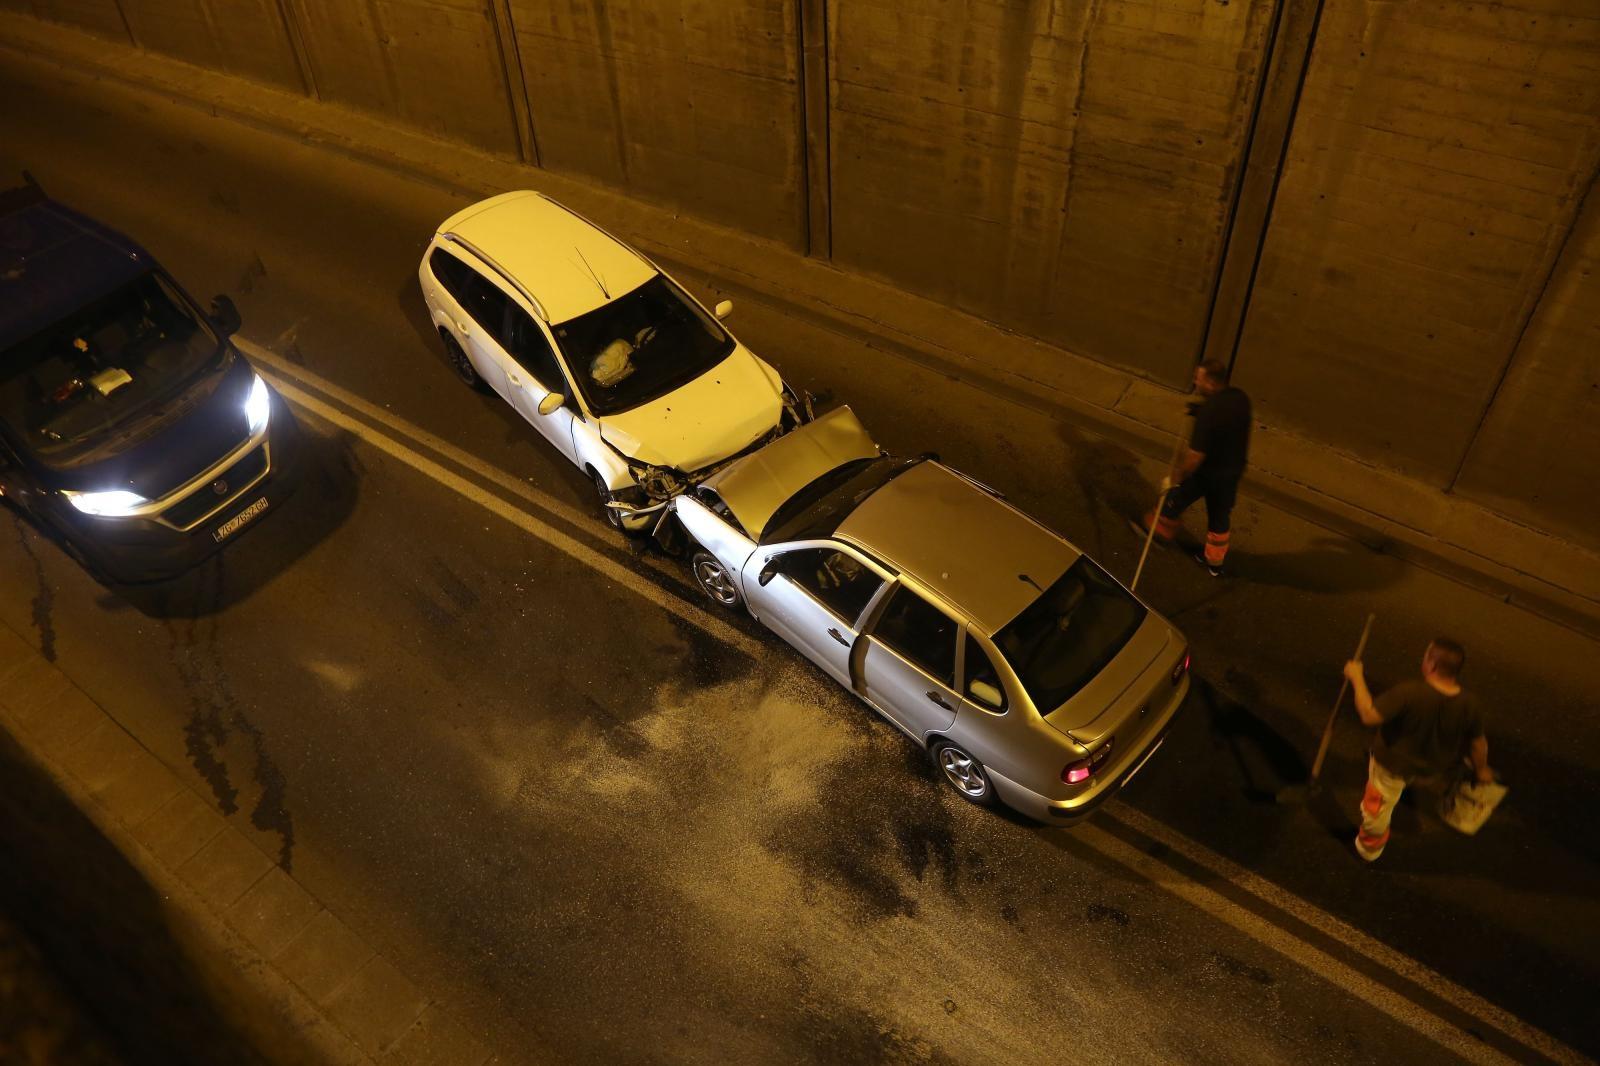 Ušao u suprotni trak i izazvao sudar u podvožanjaku na Selskoj ulici